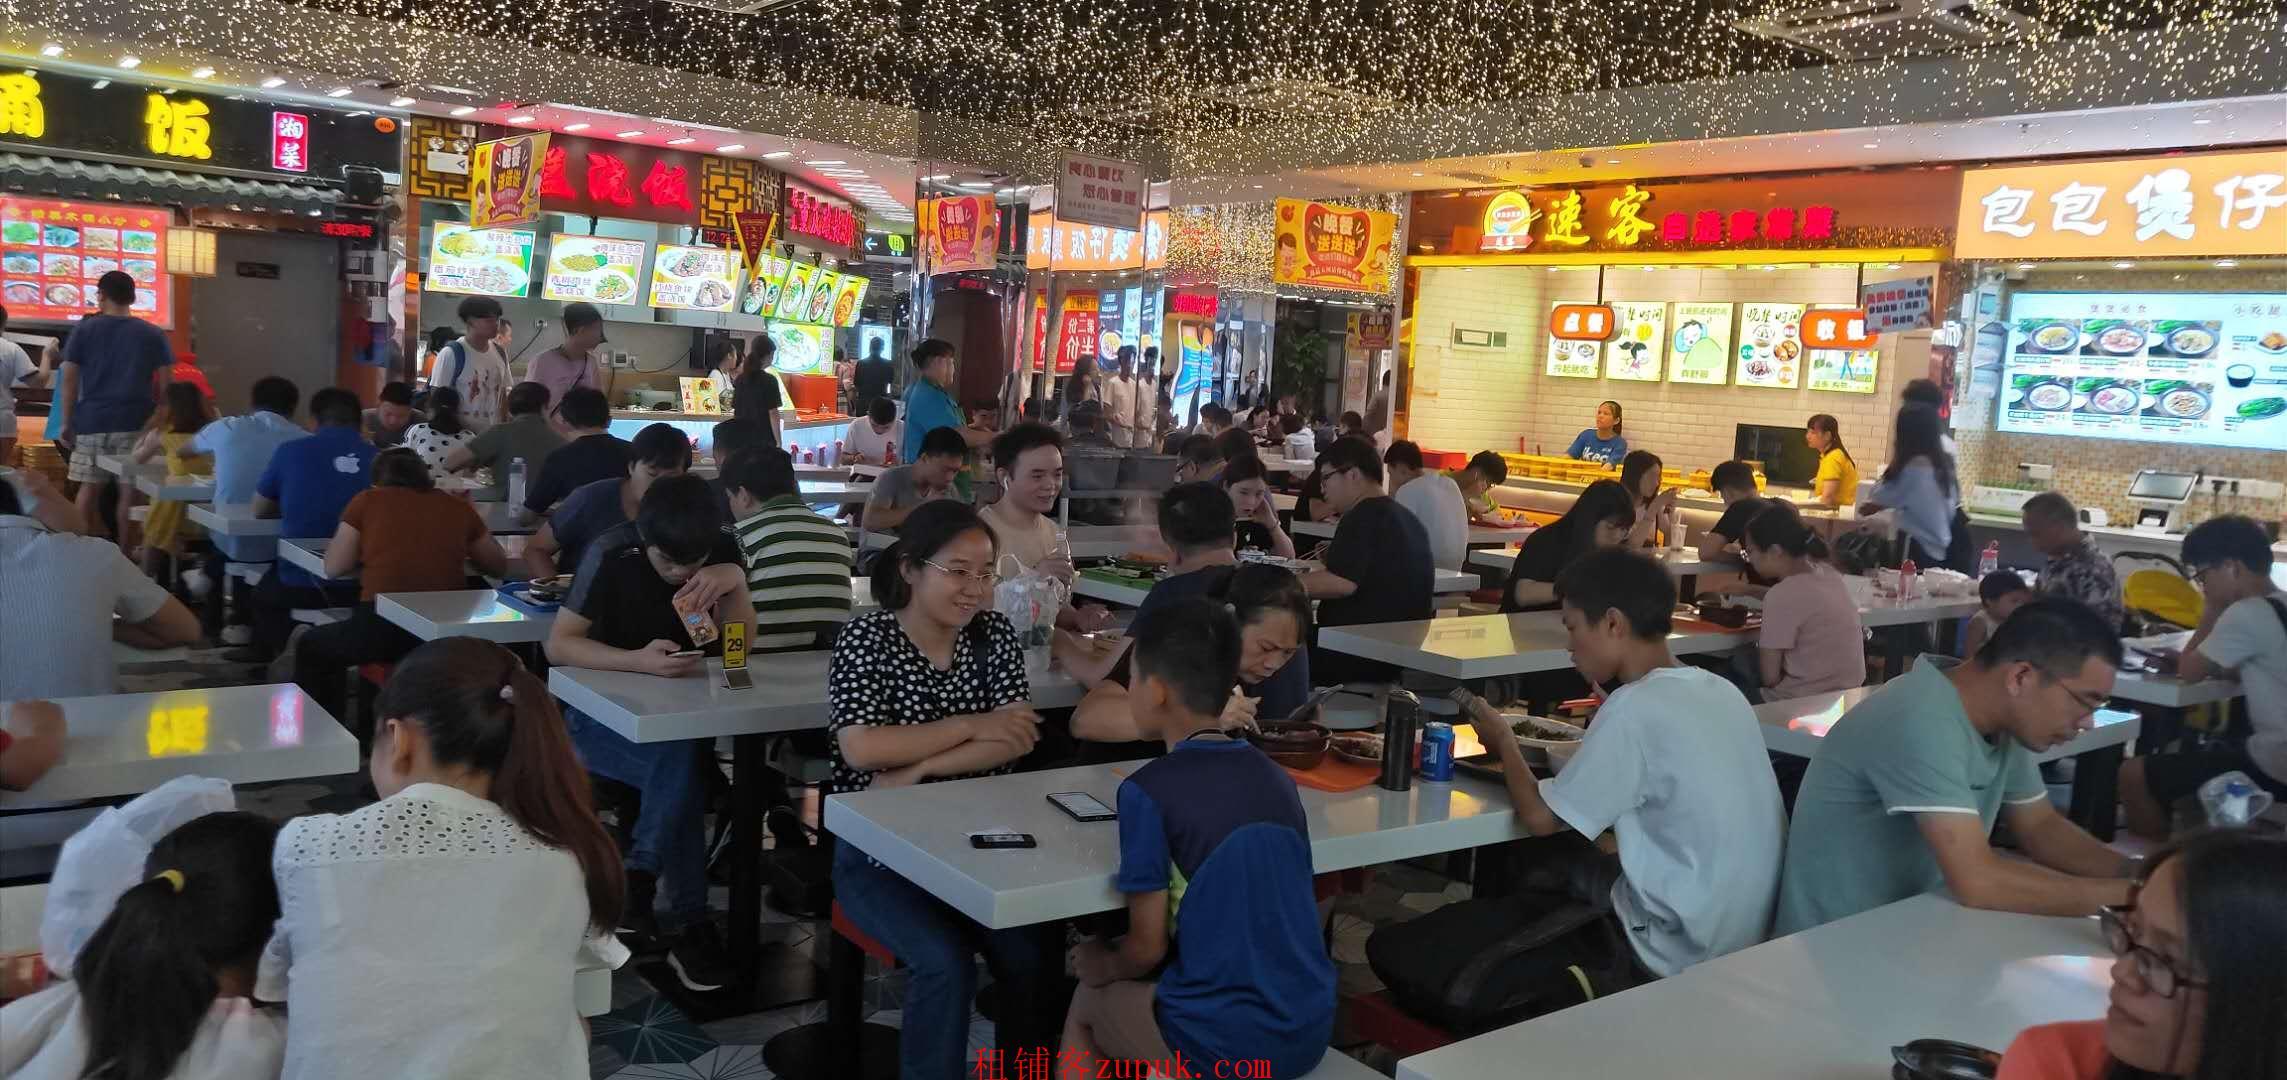 芳村-地铁站,小吃店,证照齐全,人口人超多,生意好